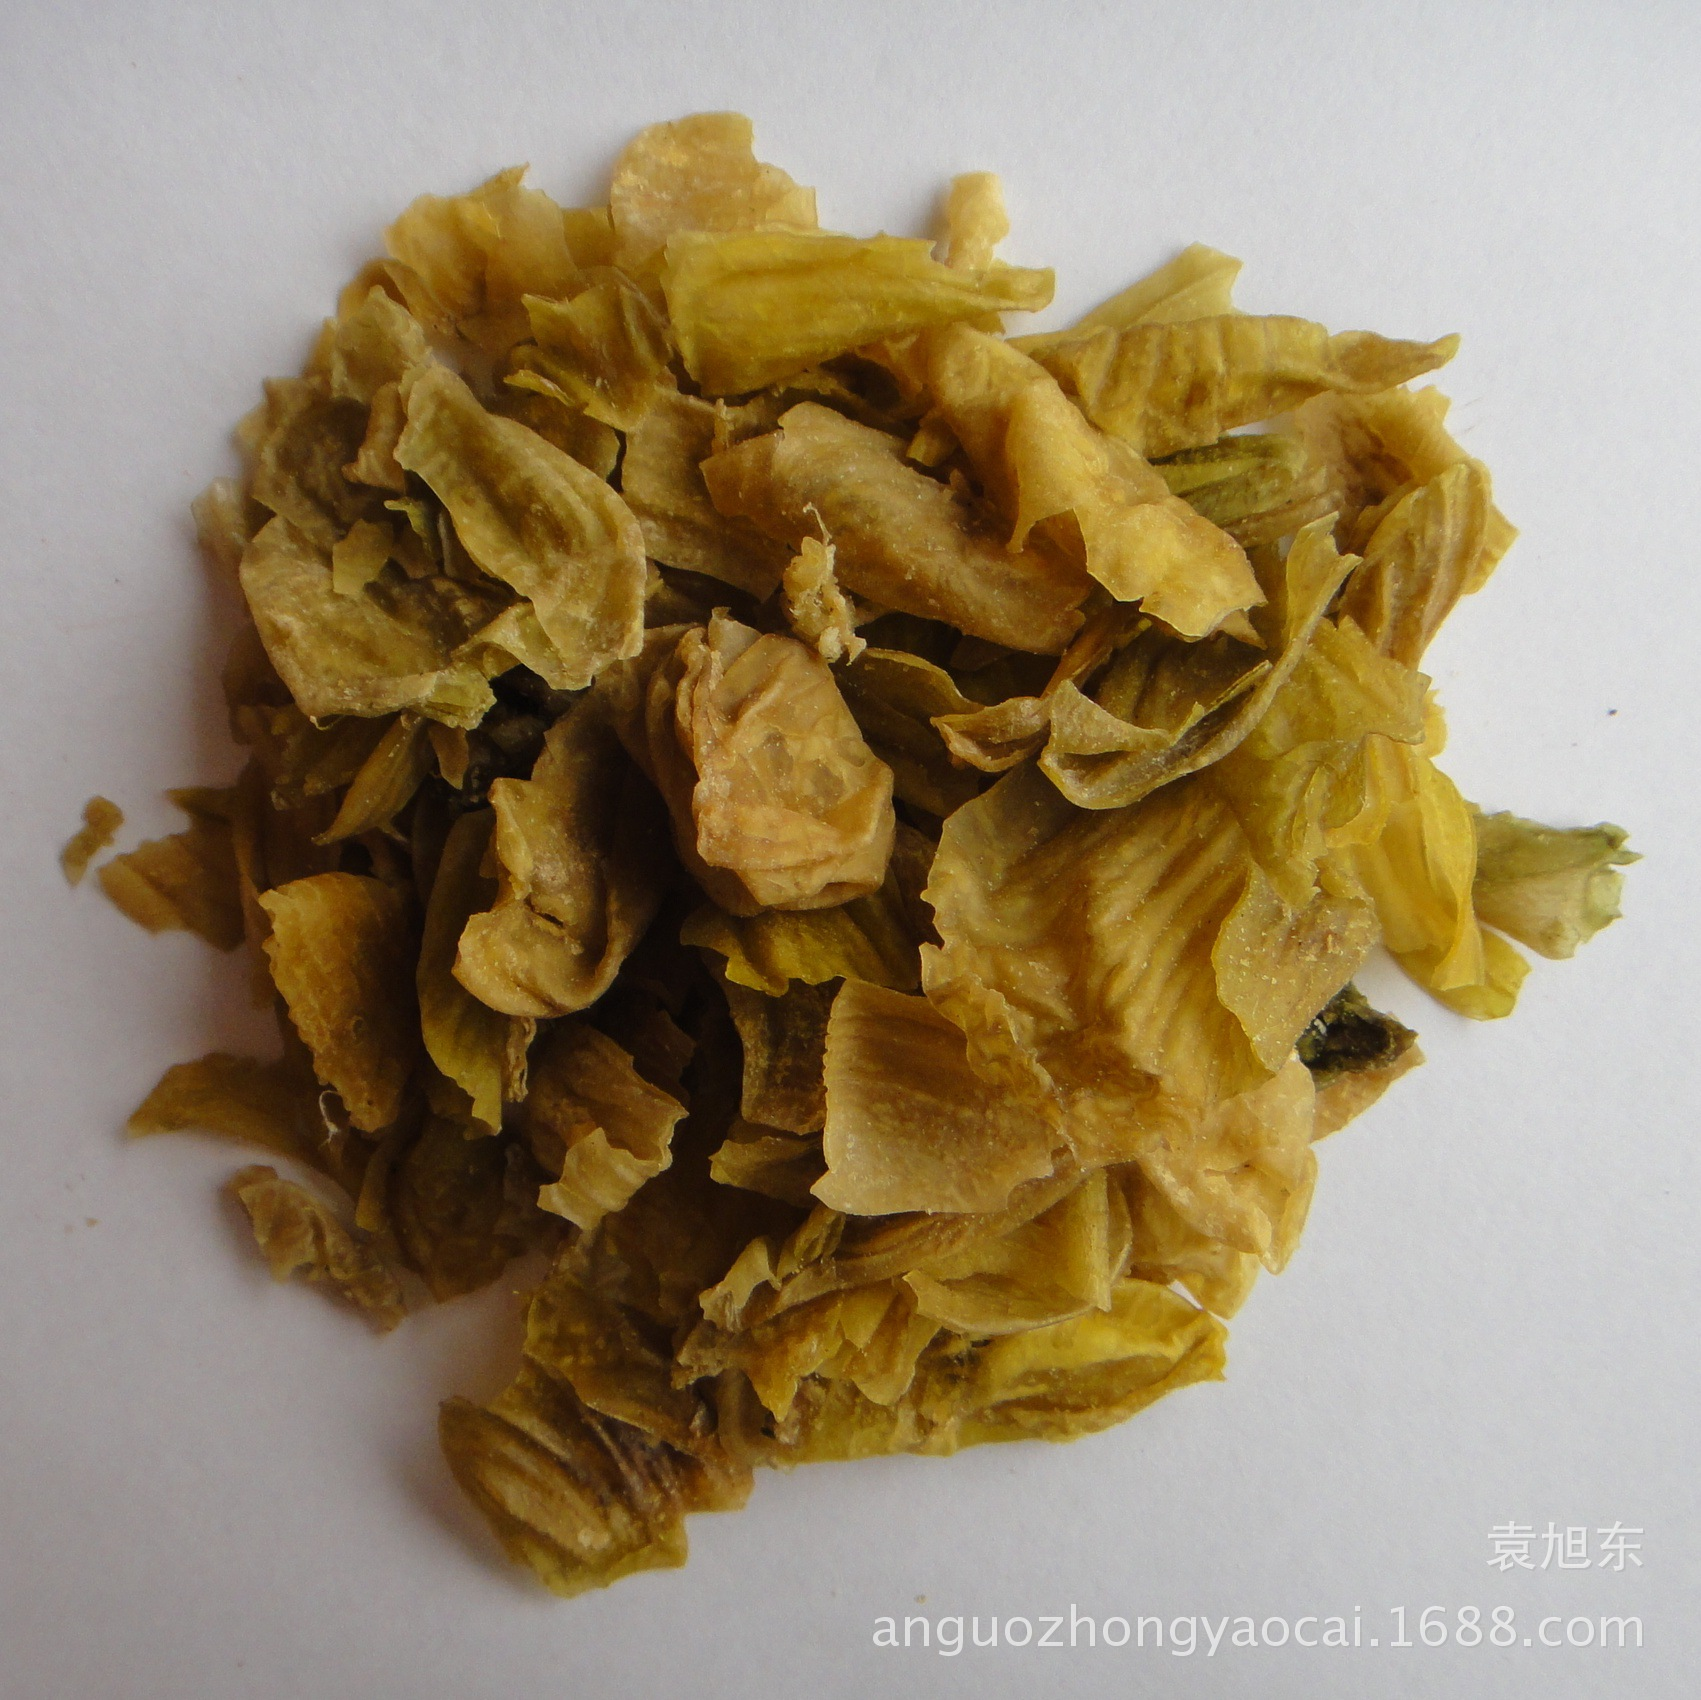 Nguyên liệu sản xuất Cung cấp thuốc thảo dược Trung Quốc